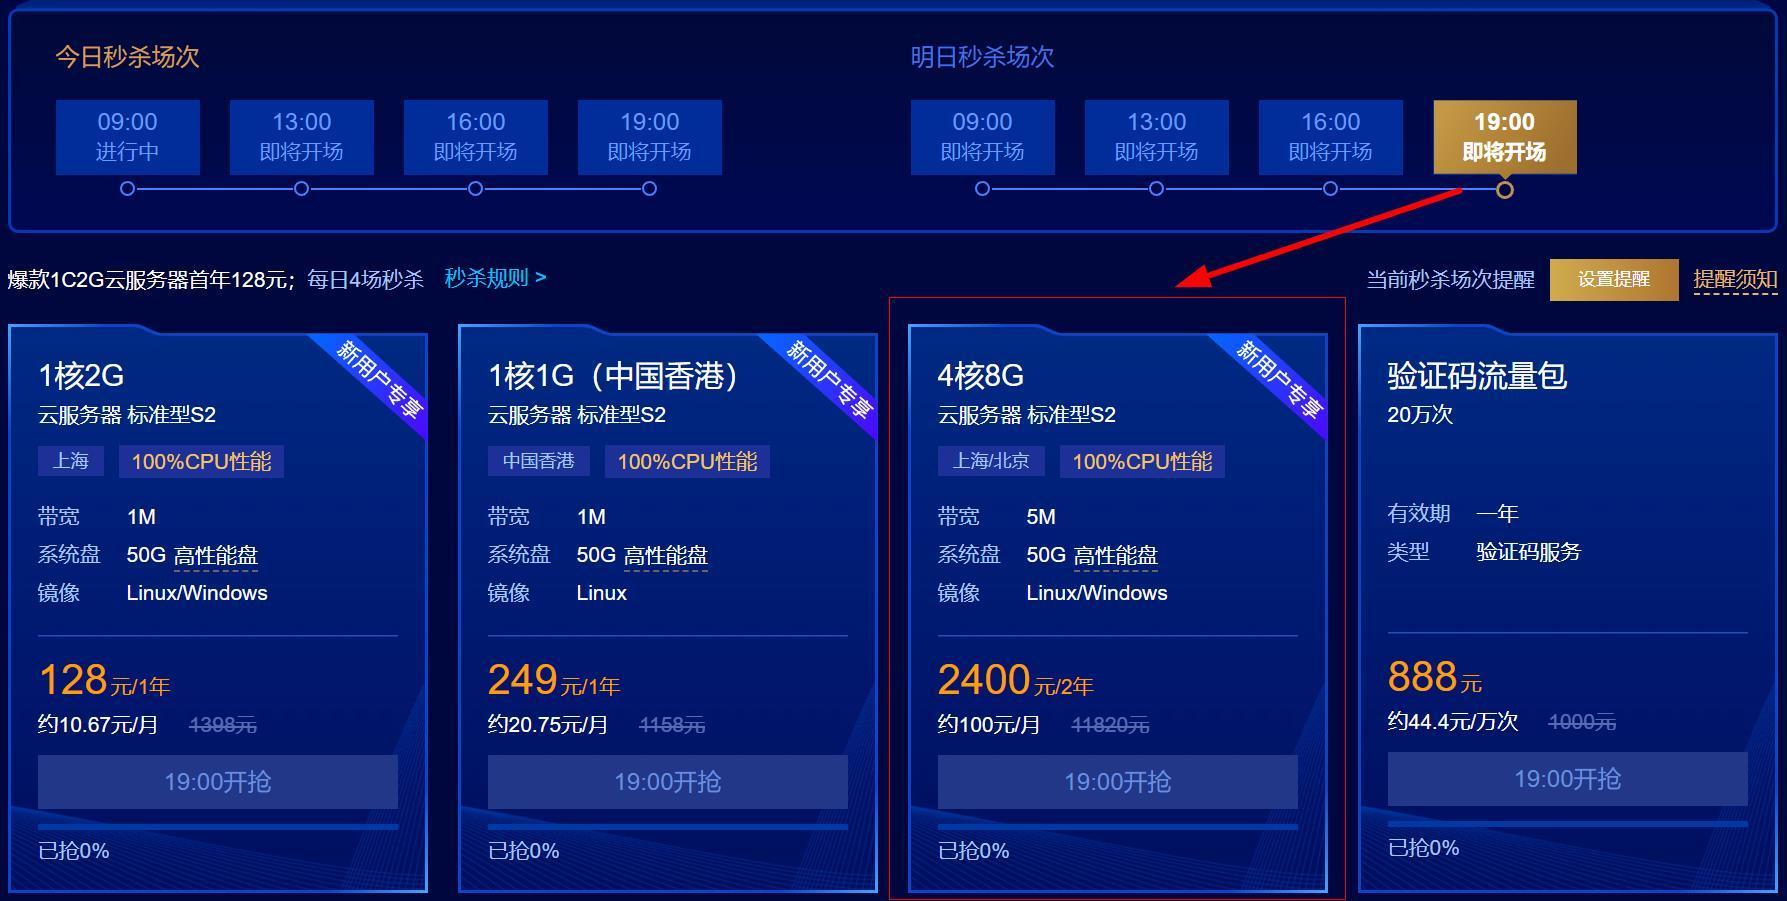 服务器租用丨2核4G云服务器三年1499,4核8G云服务器两年2400